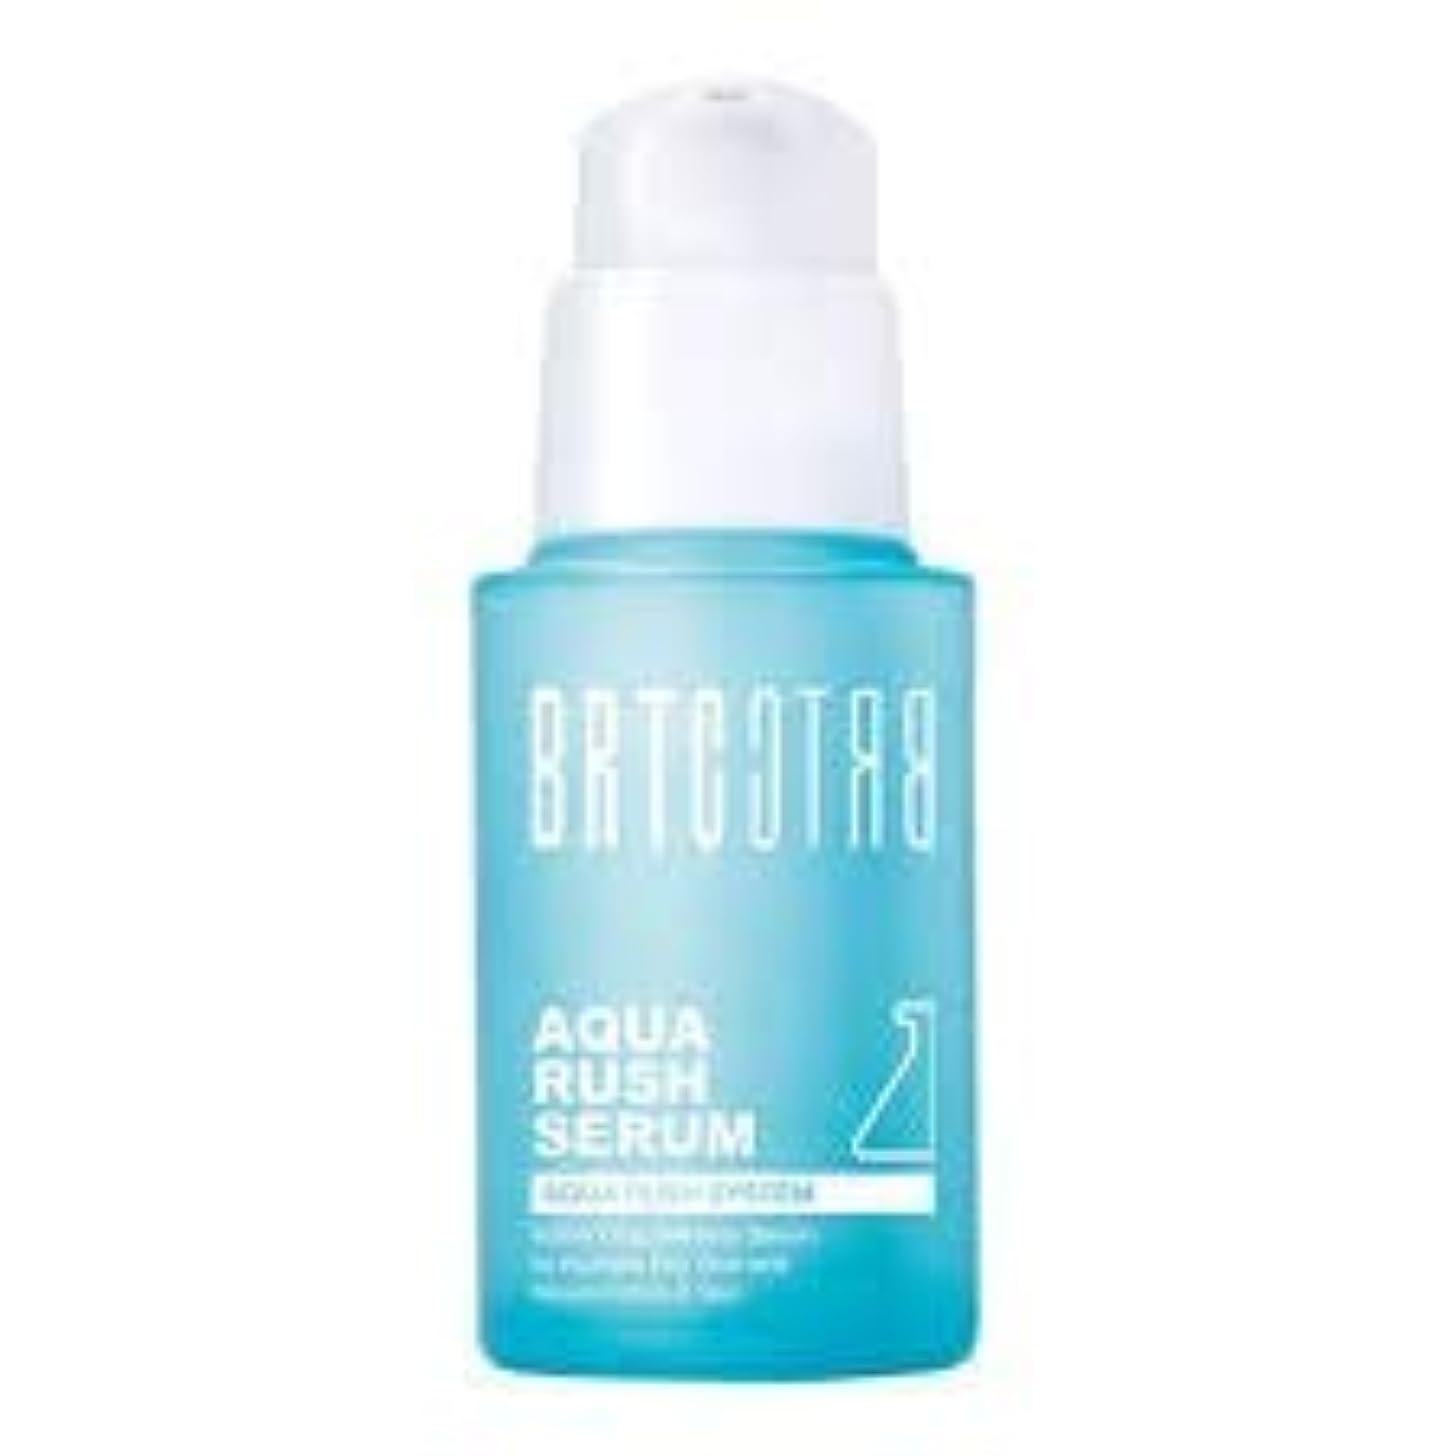 とにかく傾向がある必需品BRTC AQUAは、30ミリリットルに血清ミネラル血清をキャッチ鈍いと明るい乾燥肌に潤いを低下します